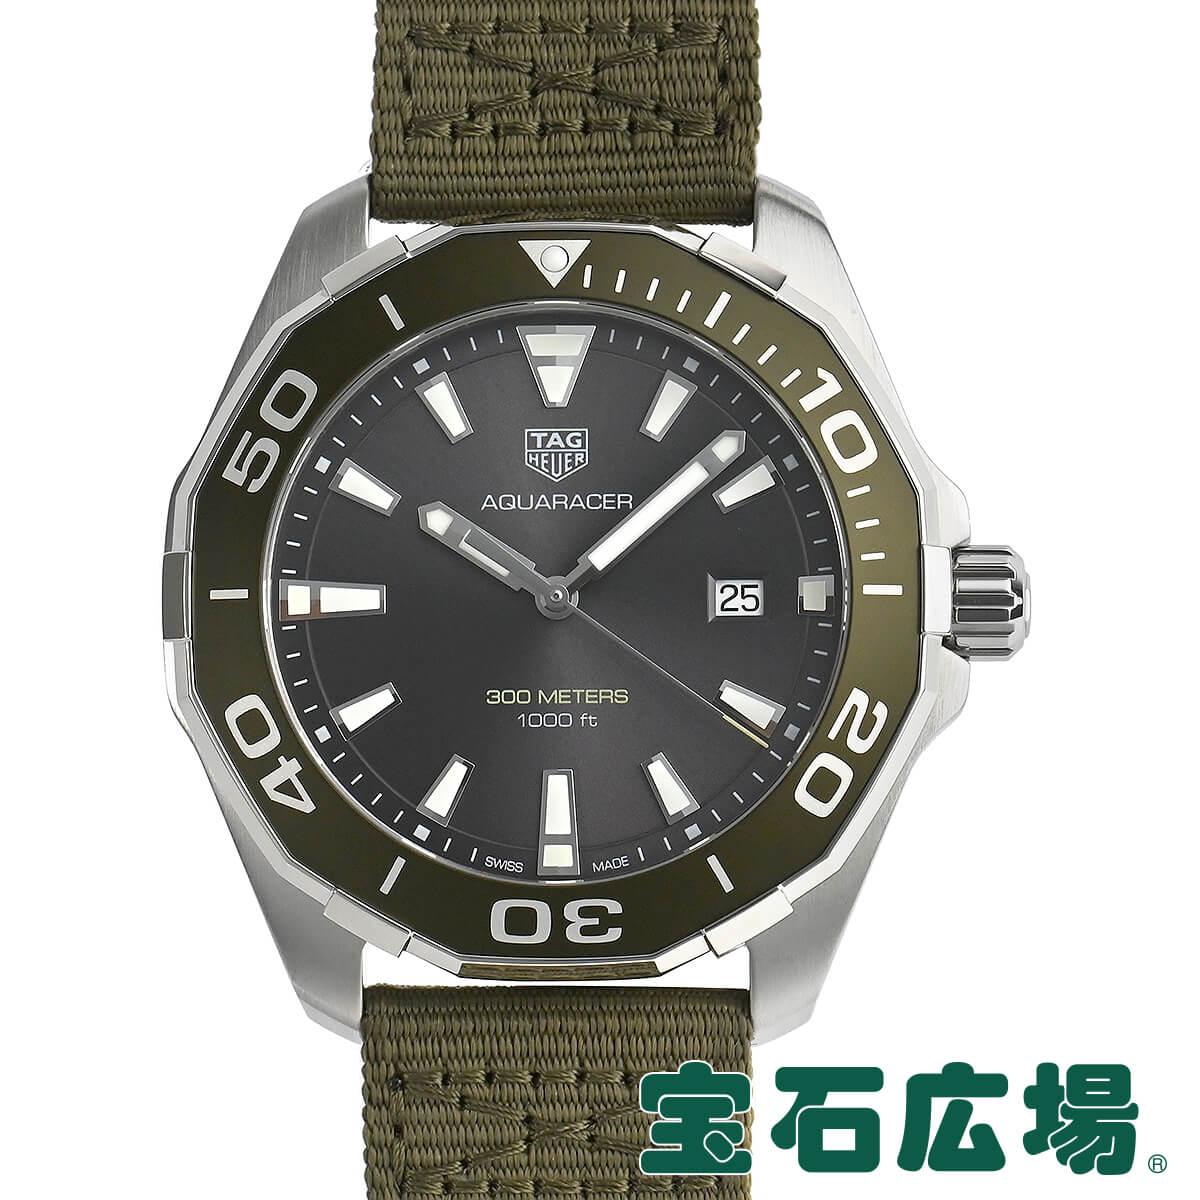 タグ ホイヤー アクアレーサー 300M WAY101L.FC8222 新品 TAG 信頼 メンズ 送料無料 腕時計 HEUER 定価